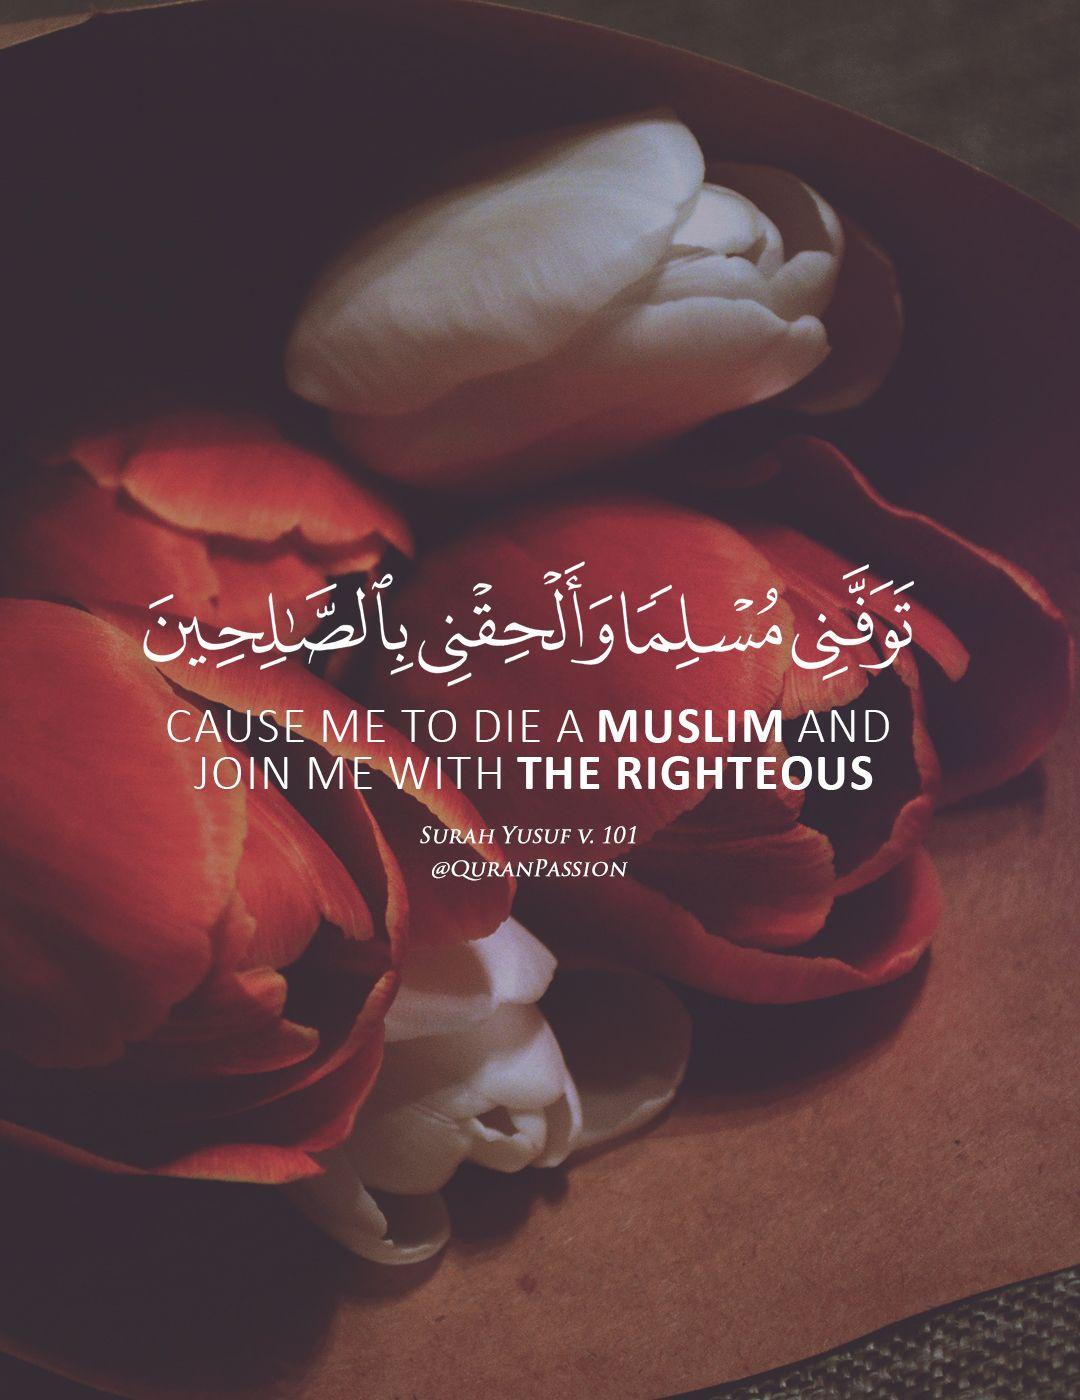 يارب لقد شاع الموت المفاجئ فتوفني وأنت راض عني ولا تحرمني من رحمتك يا الله Islamic Inspirational Quotes Quran Quotes Quran Verses